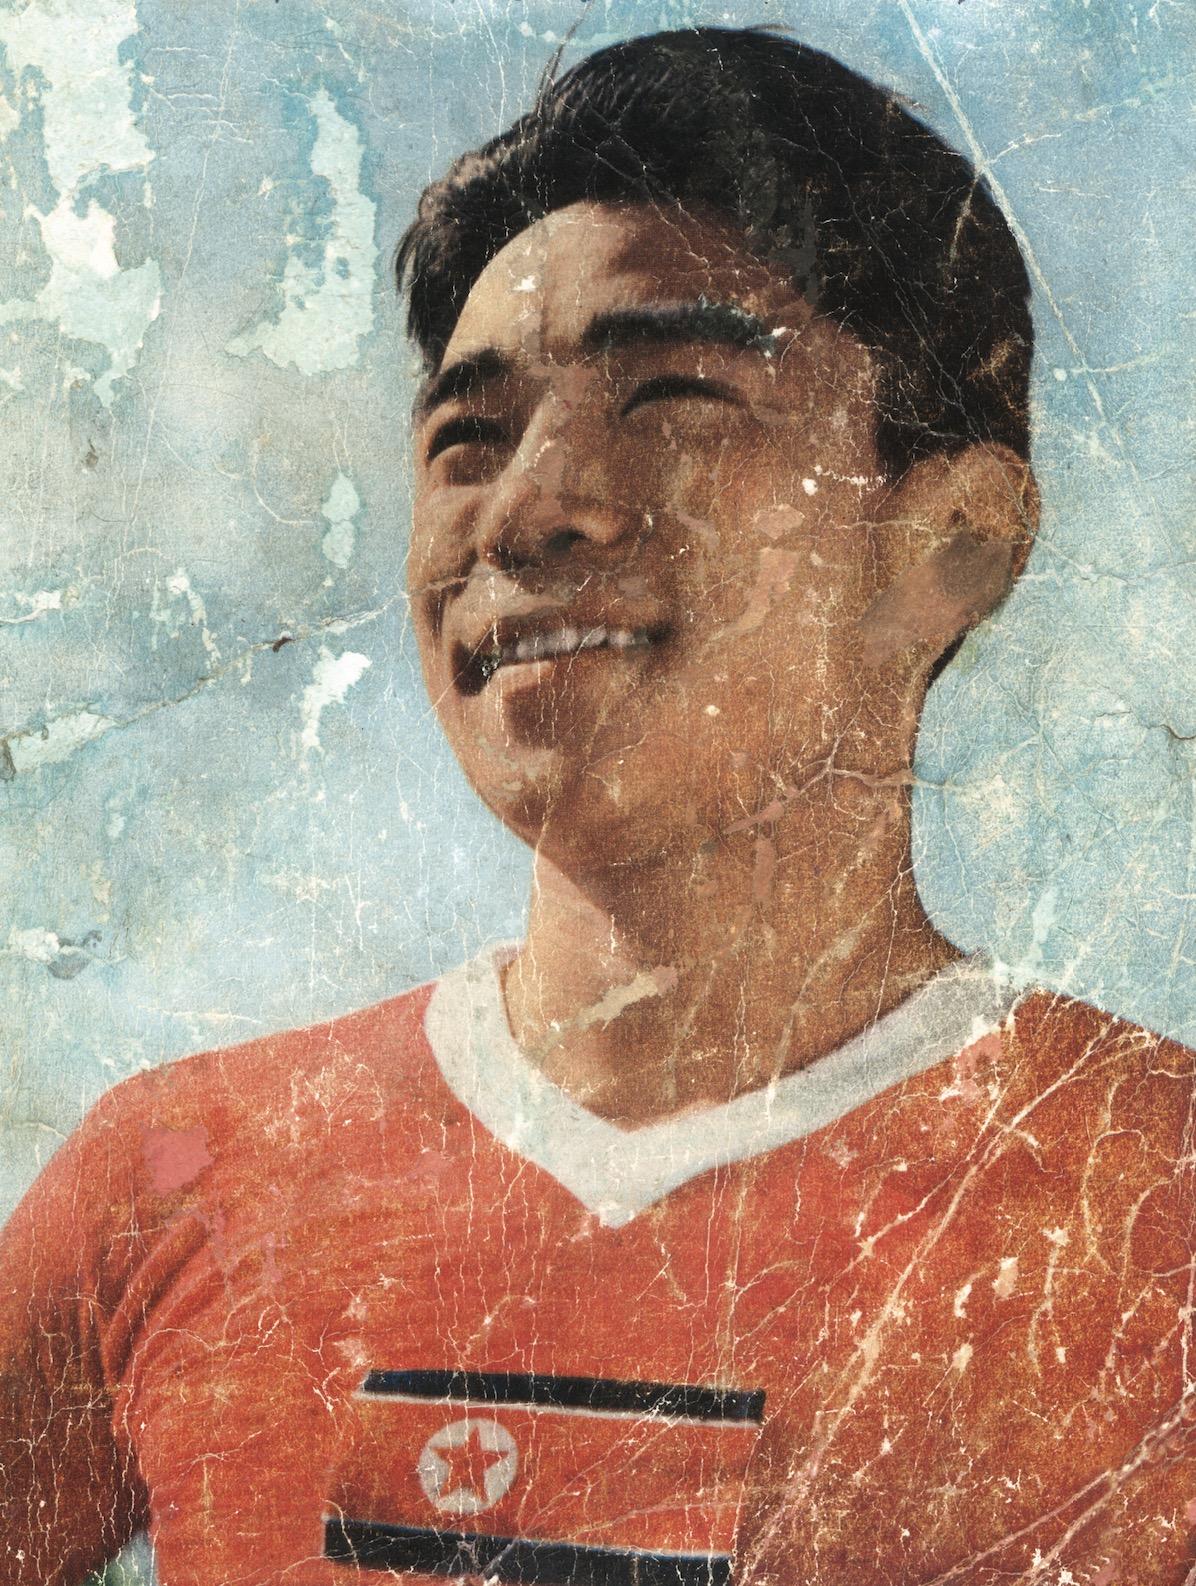 Pak Sung Chol